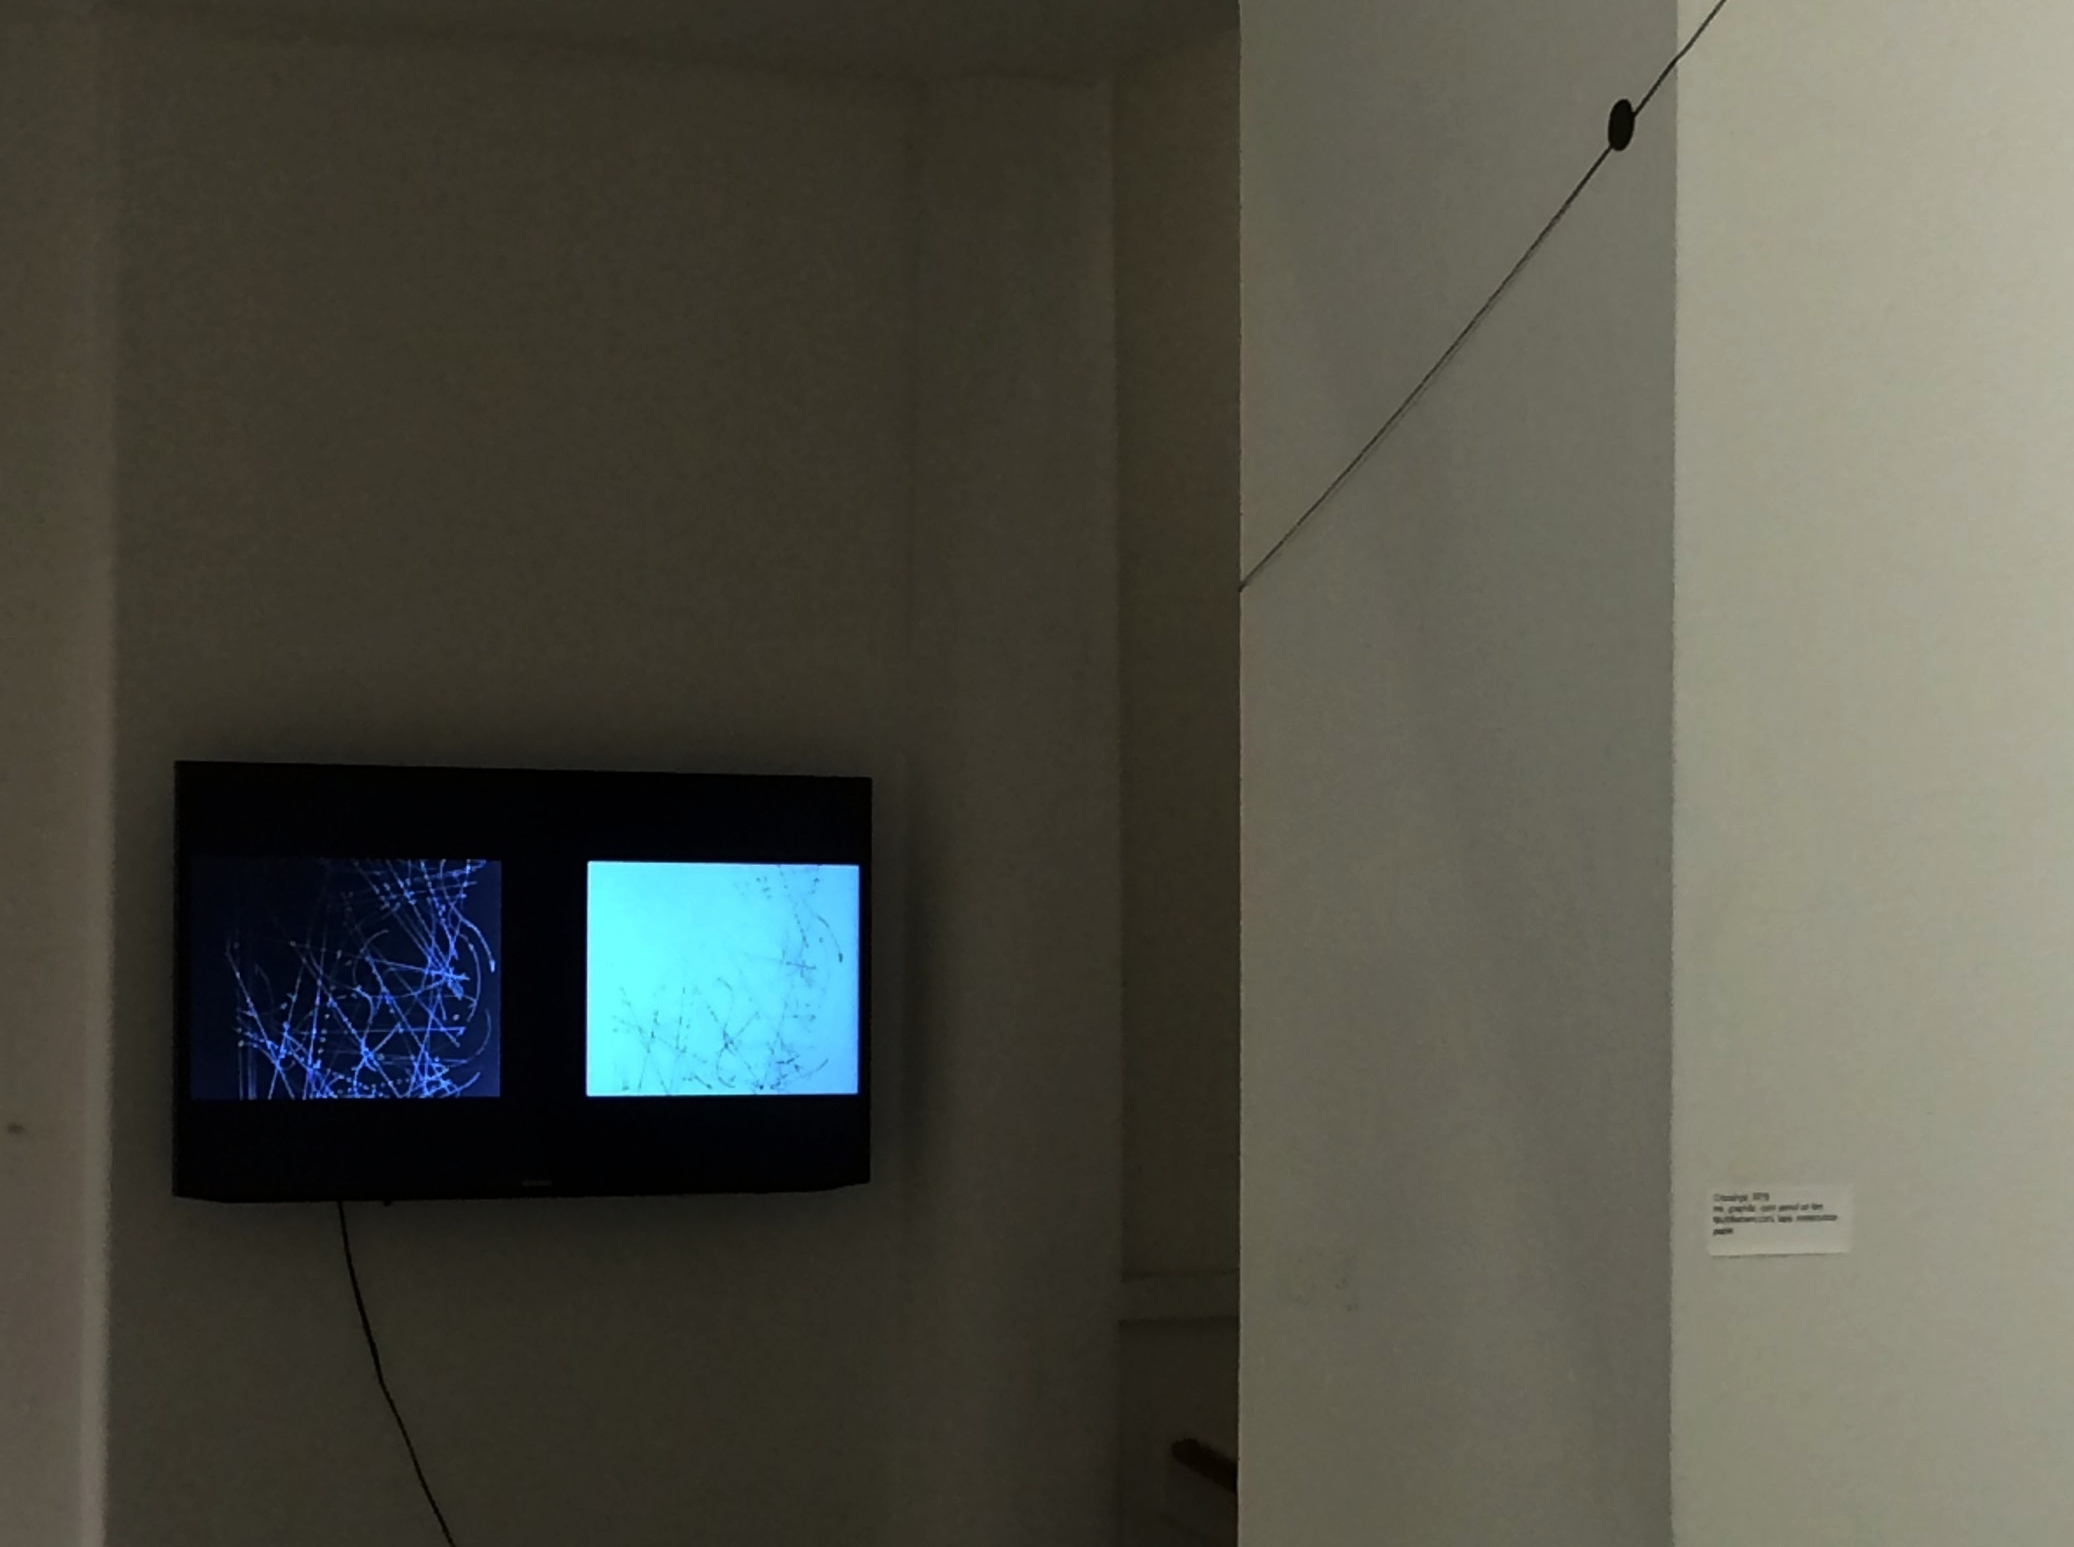 LOCATIONS video installation